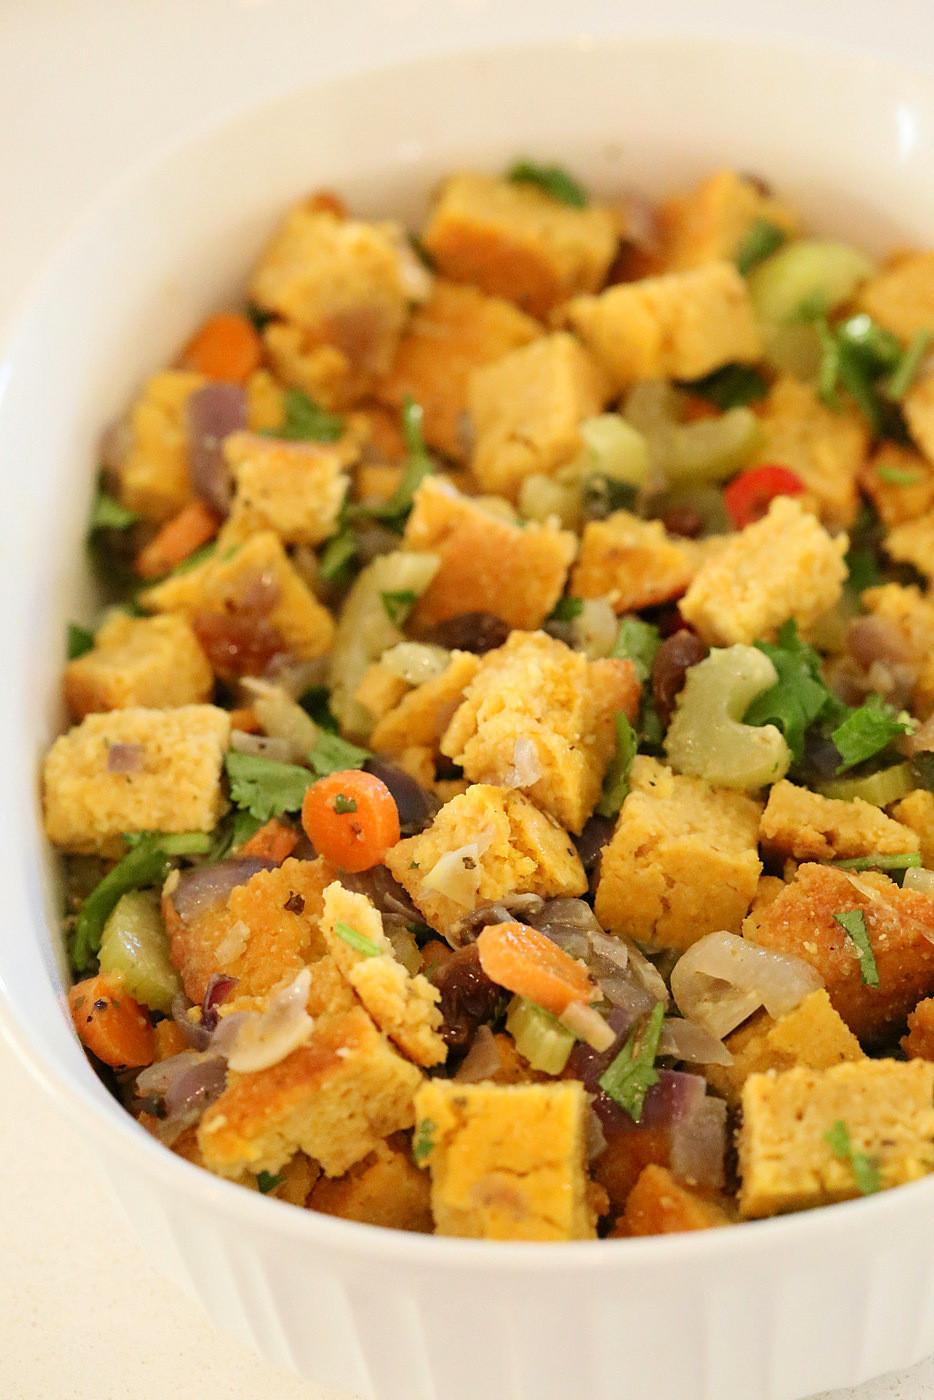 Vegan Stuffing Recipes Thanksgiving  7 Vegan Thanksgiving Dressings and Stuffing Recipes